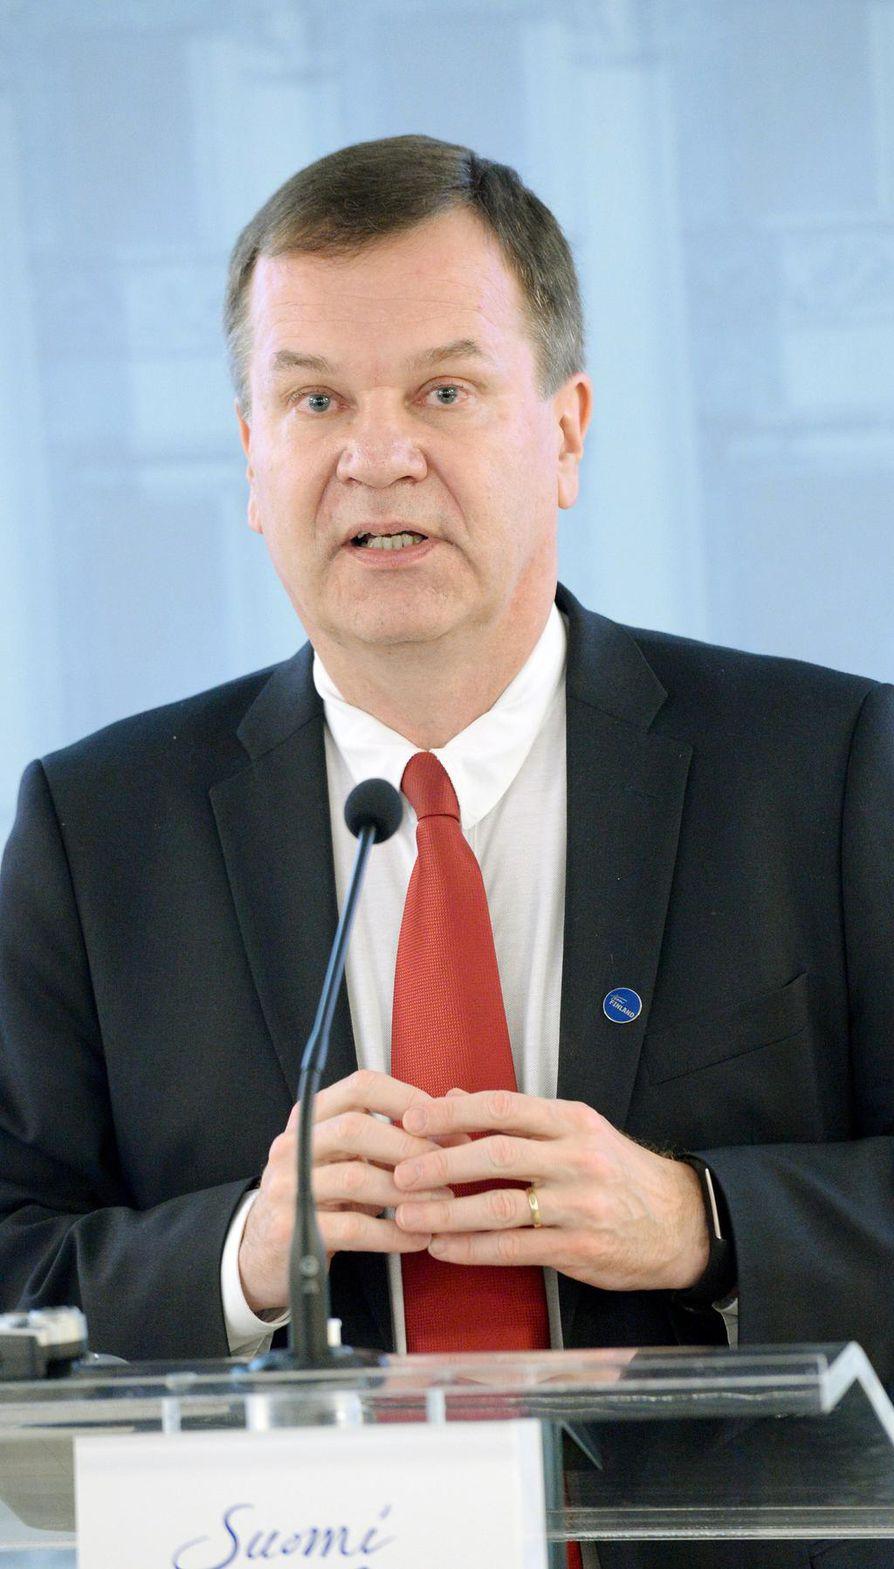 Finnveran toimitusjohtajan Pauli Heikkilän mielestä maan keskisuuret yritykset pitäisi saada reippaammin kasvuun. Niiden liikevaihto junnaa tai ne myydään varhain ulkomaille.